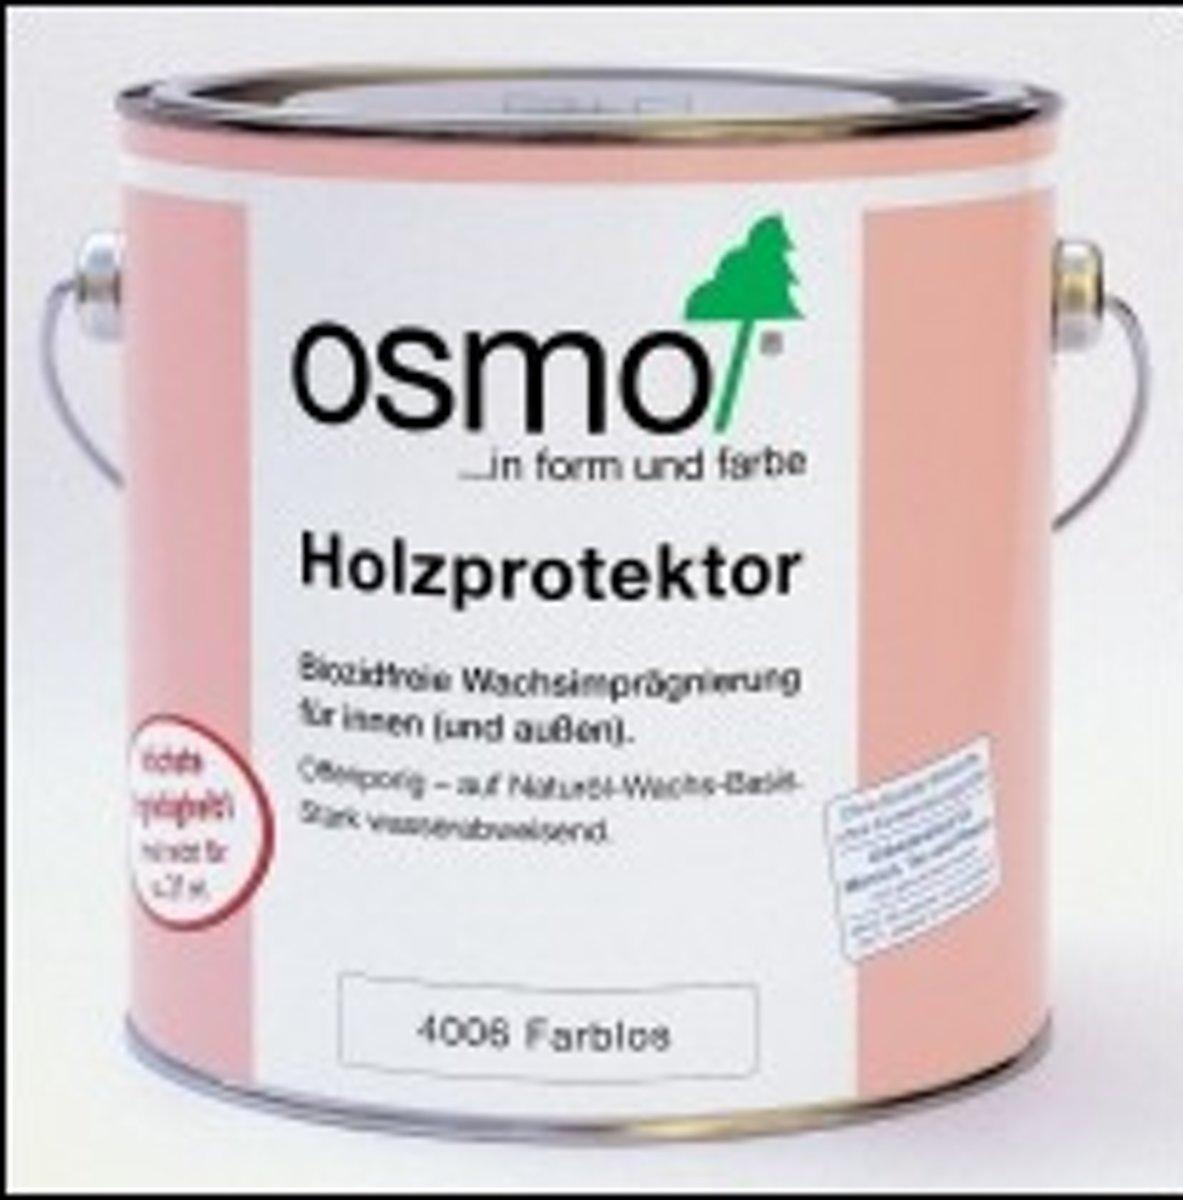 Osmo Houtbeschermer 4006 (Voor Badkamer etc) kopen